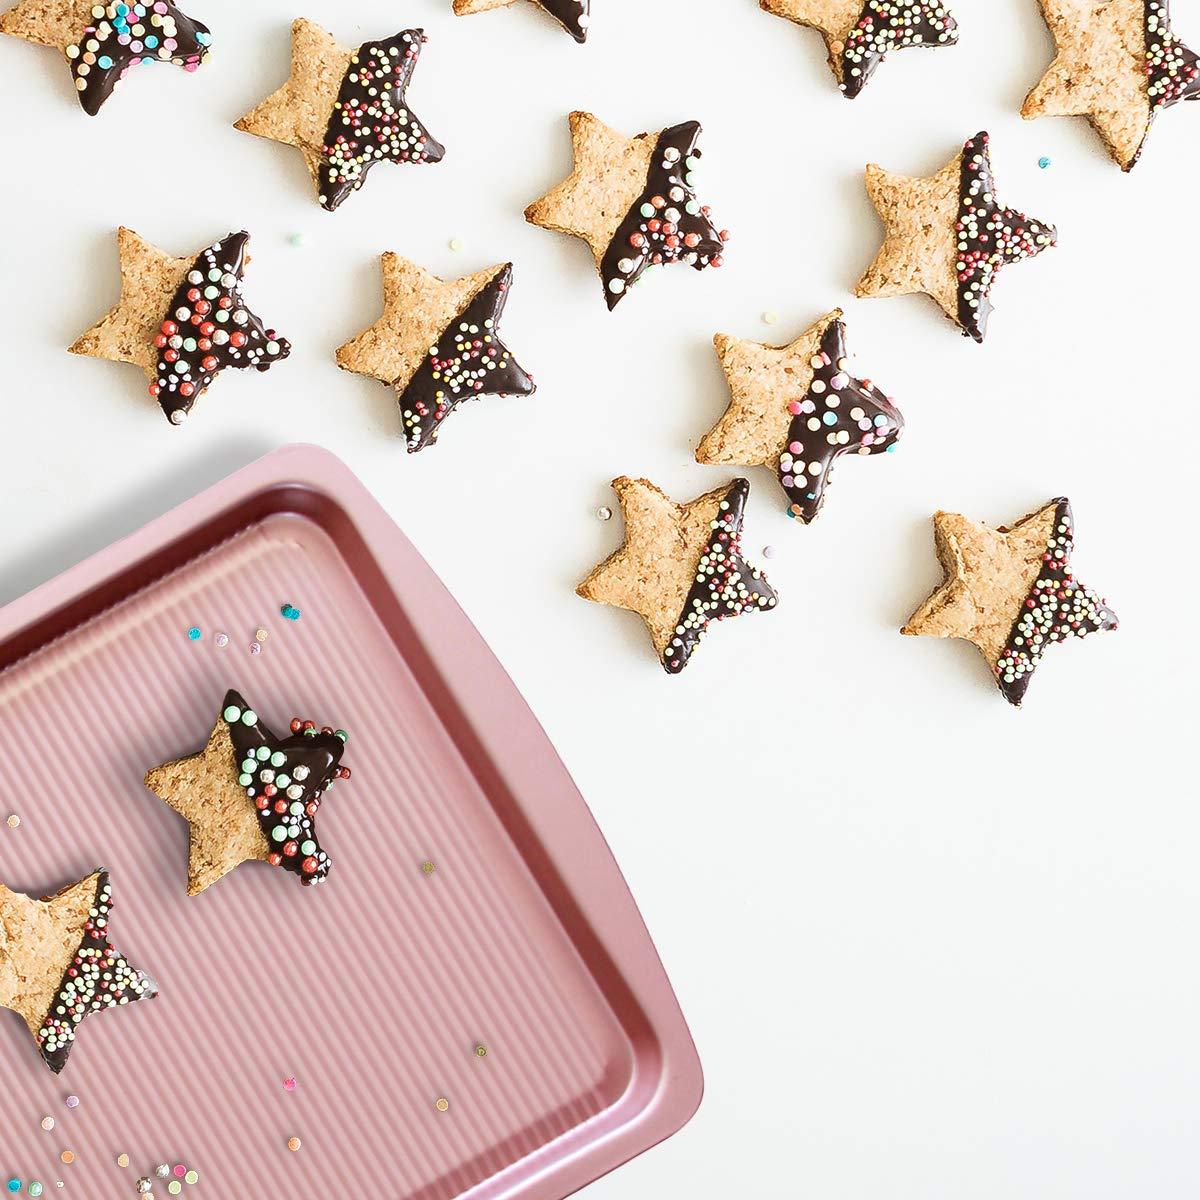 Bakeware Set, TOPTIER 6 Piece Nonstick Baking Pan Sets with Cookie Baking Sheets, Muffin Pan, Loaf Pan, Round Cake Pan, Roasting Pan for Baking | Prime Housewarming & Wedding Gift, Rose Gold by toptier (Image #8)